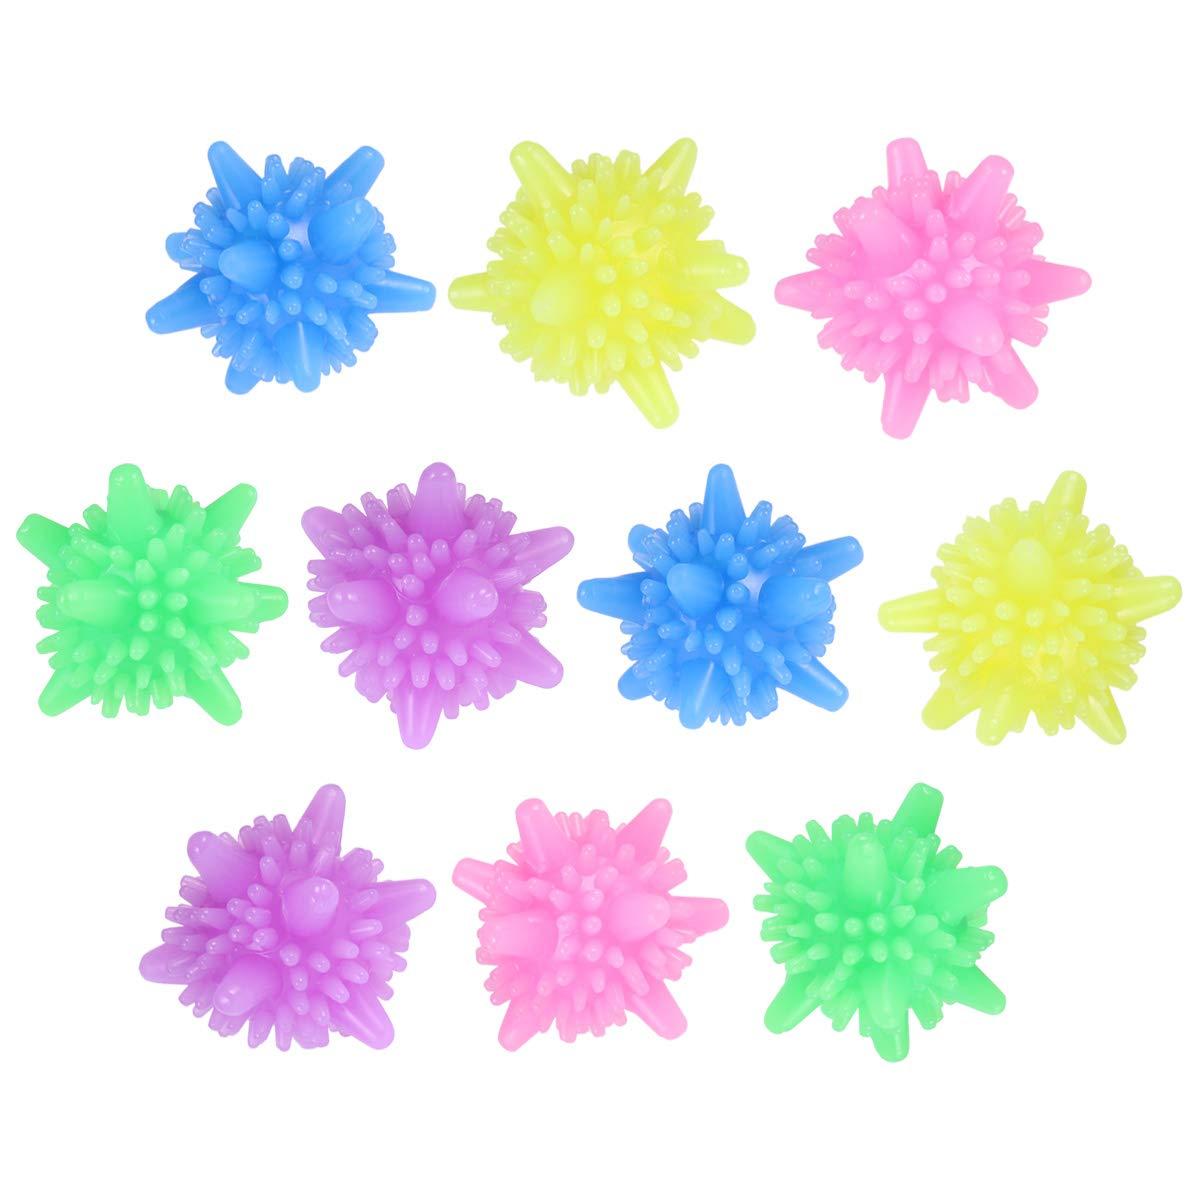 colori misti OUNONA Palline riutilizzabili della lavatrice riutilizzabile della palla della lavanderia variopinta solida di 10 PCS per i vestiti di pulizia